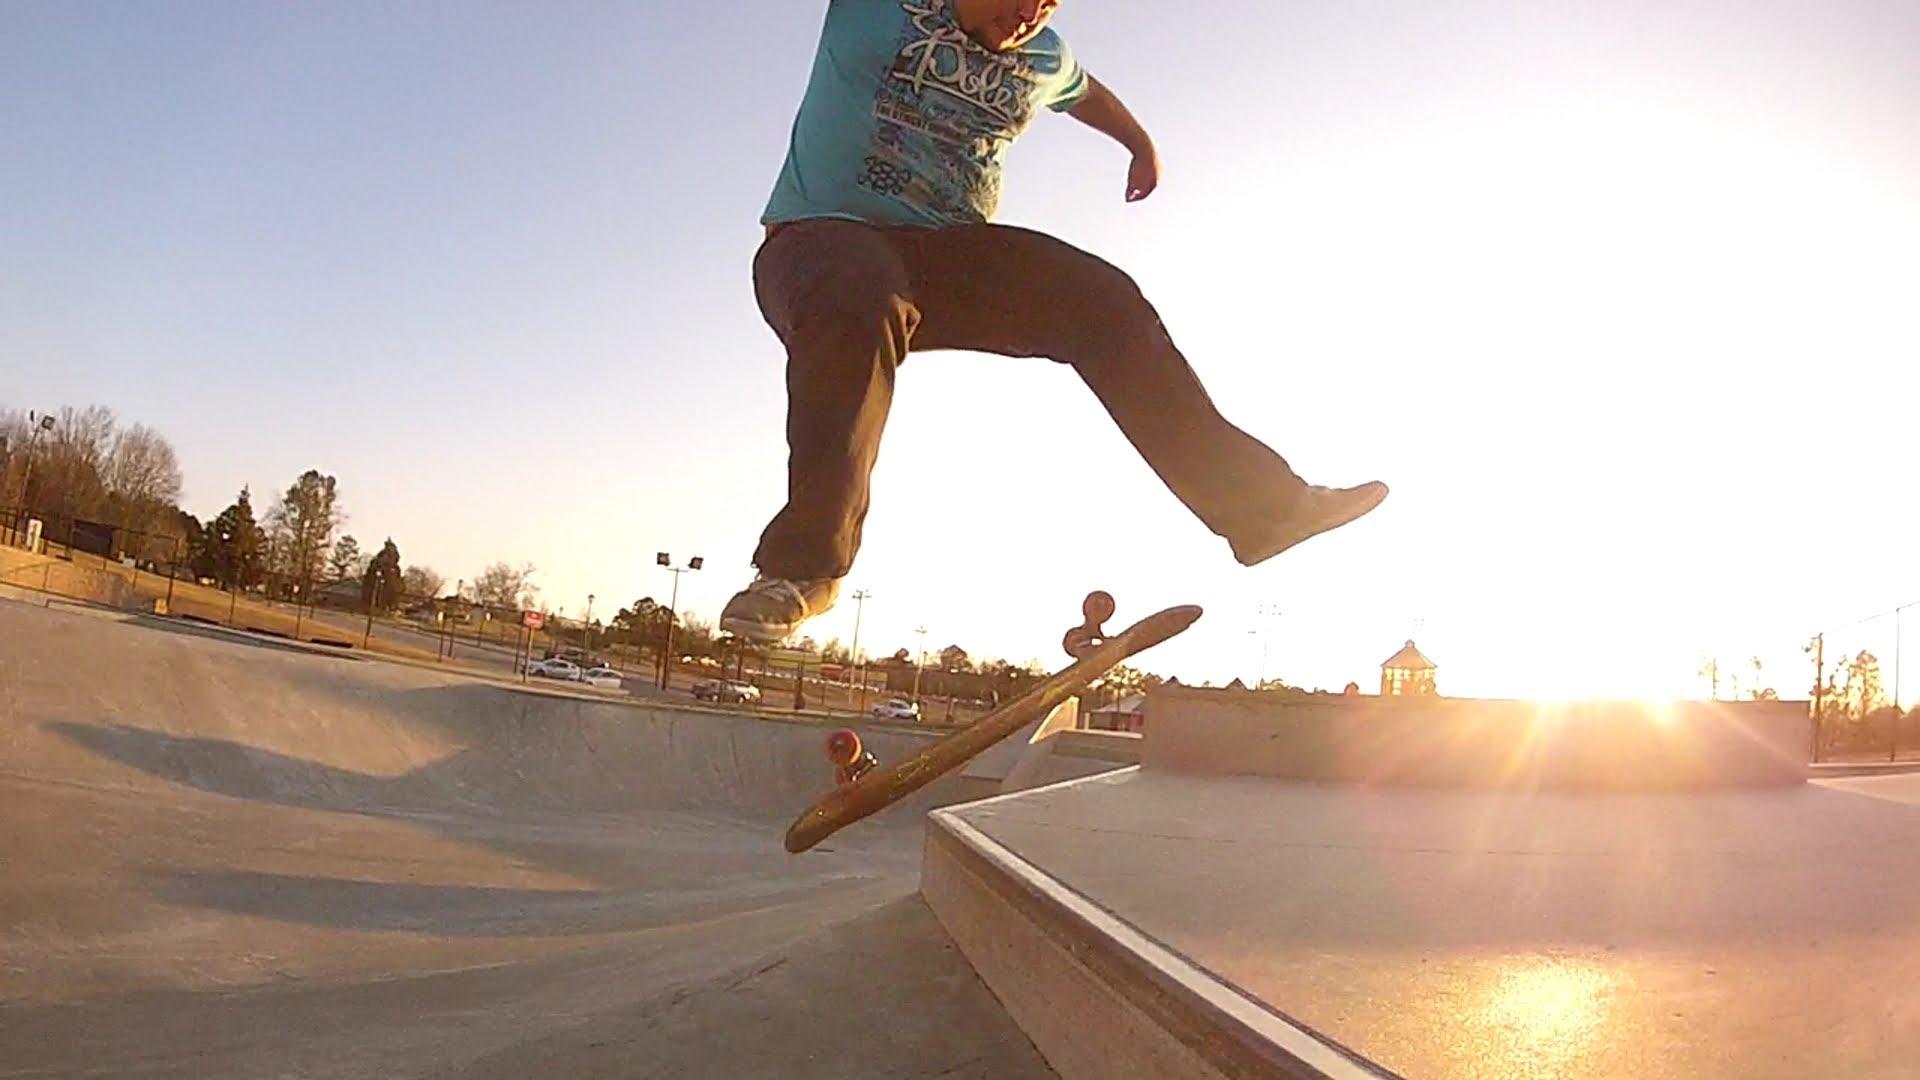 Skate Inspiration For Heavier Skaters Still Skateboarding